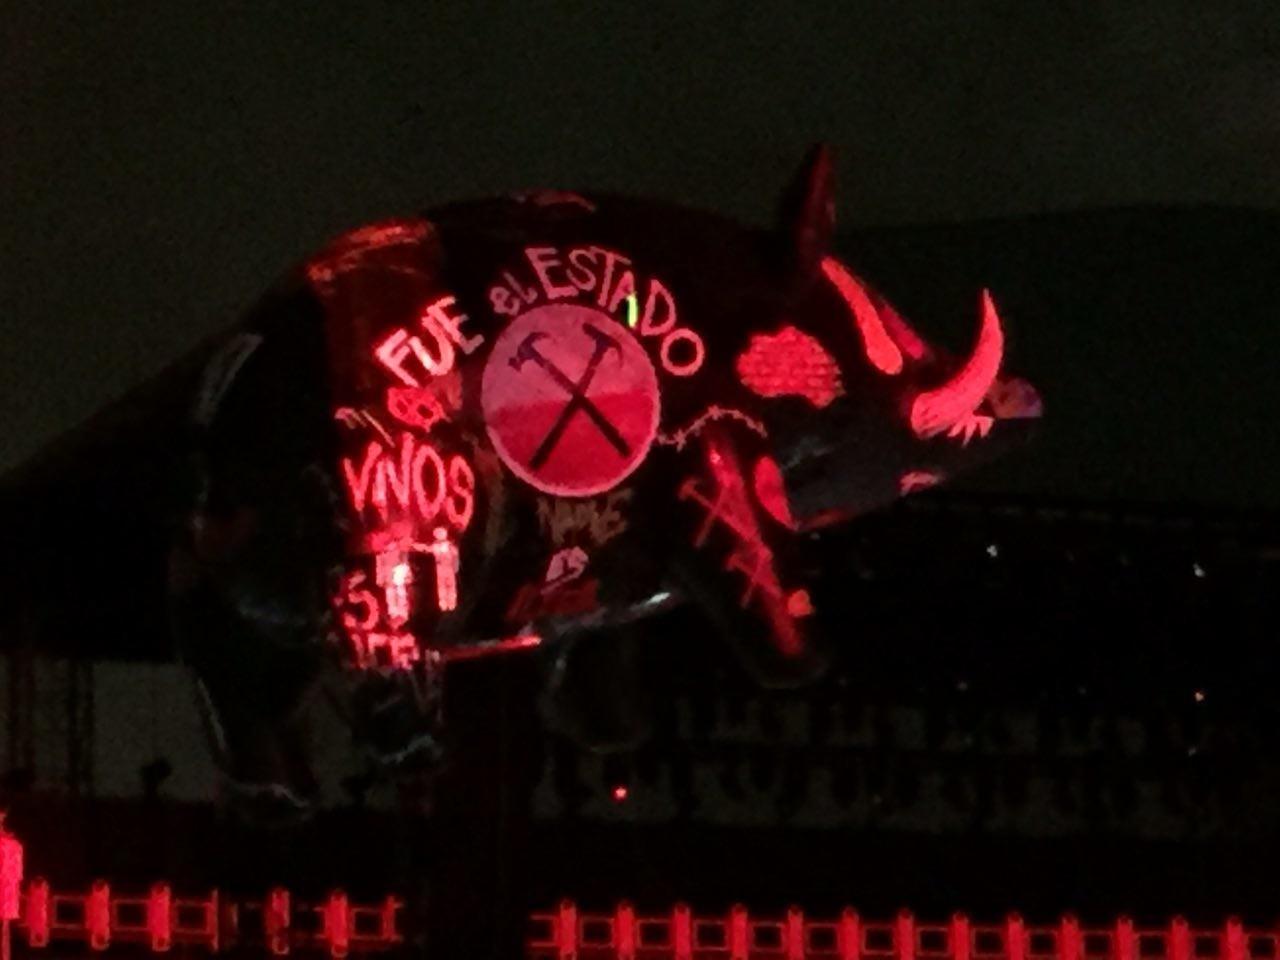 Cerdo aerostático con consignas lanzado durante el concierto de Roger Waters en México